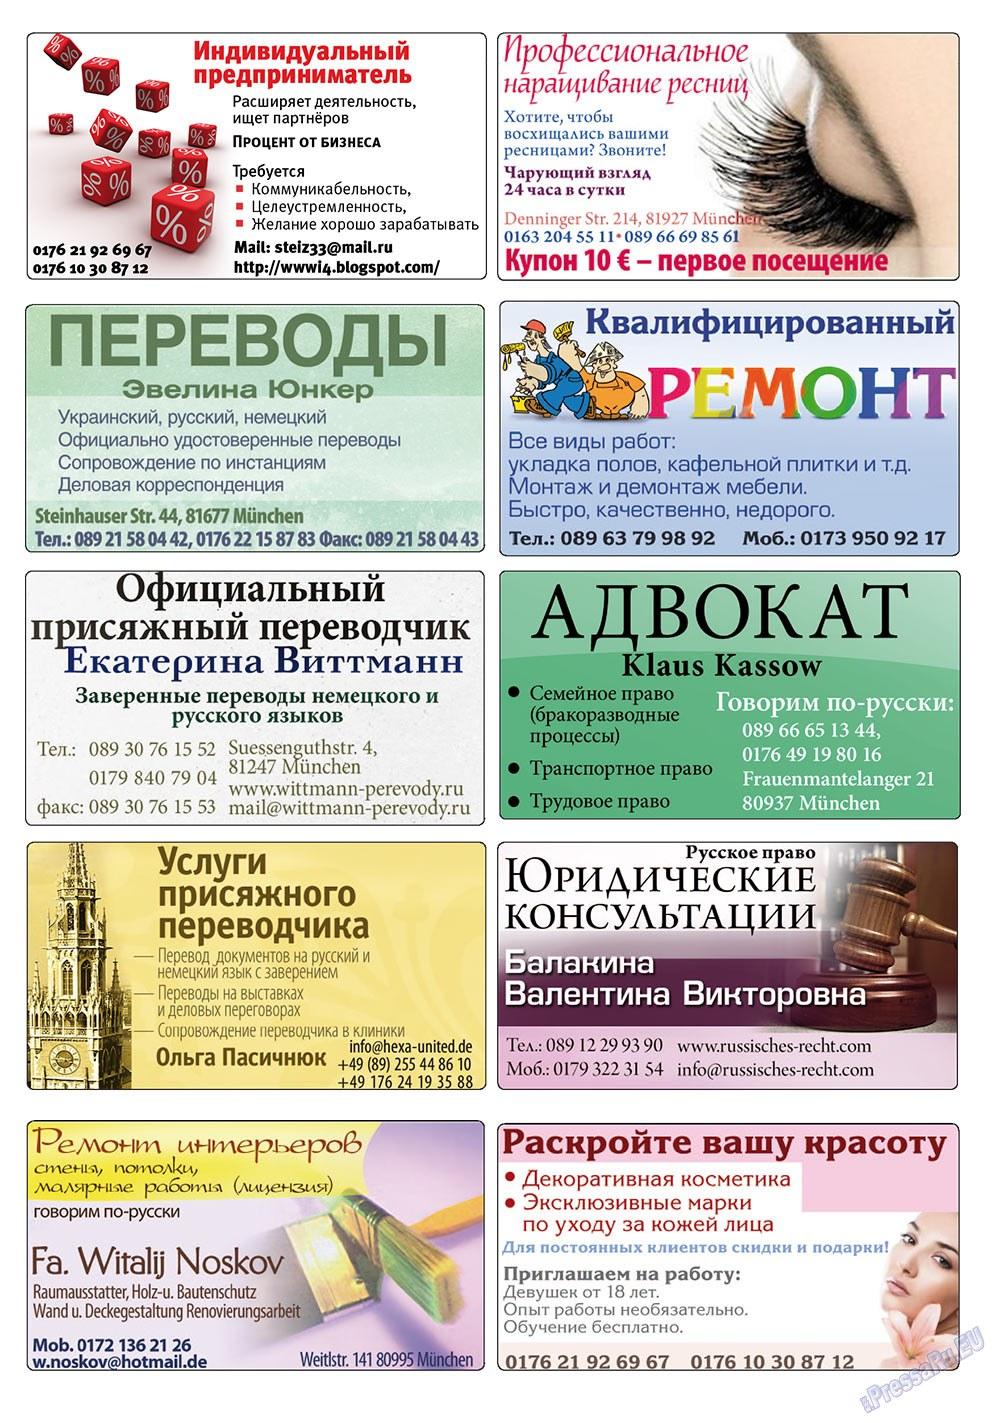 Апельсин (журнал). 2011 год, номер 21, стр. 31